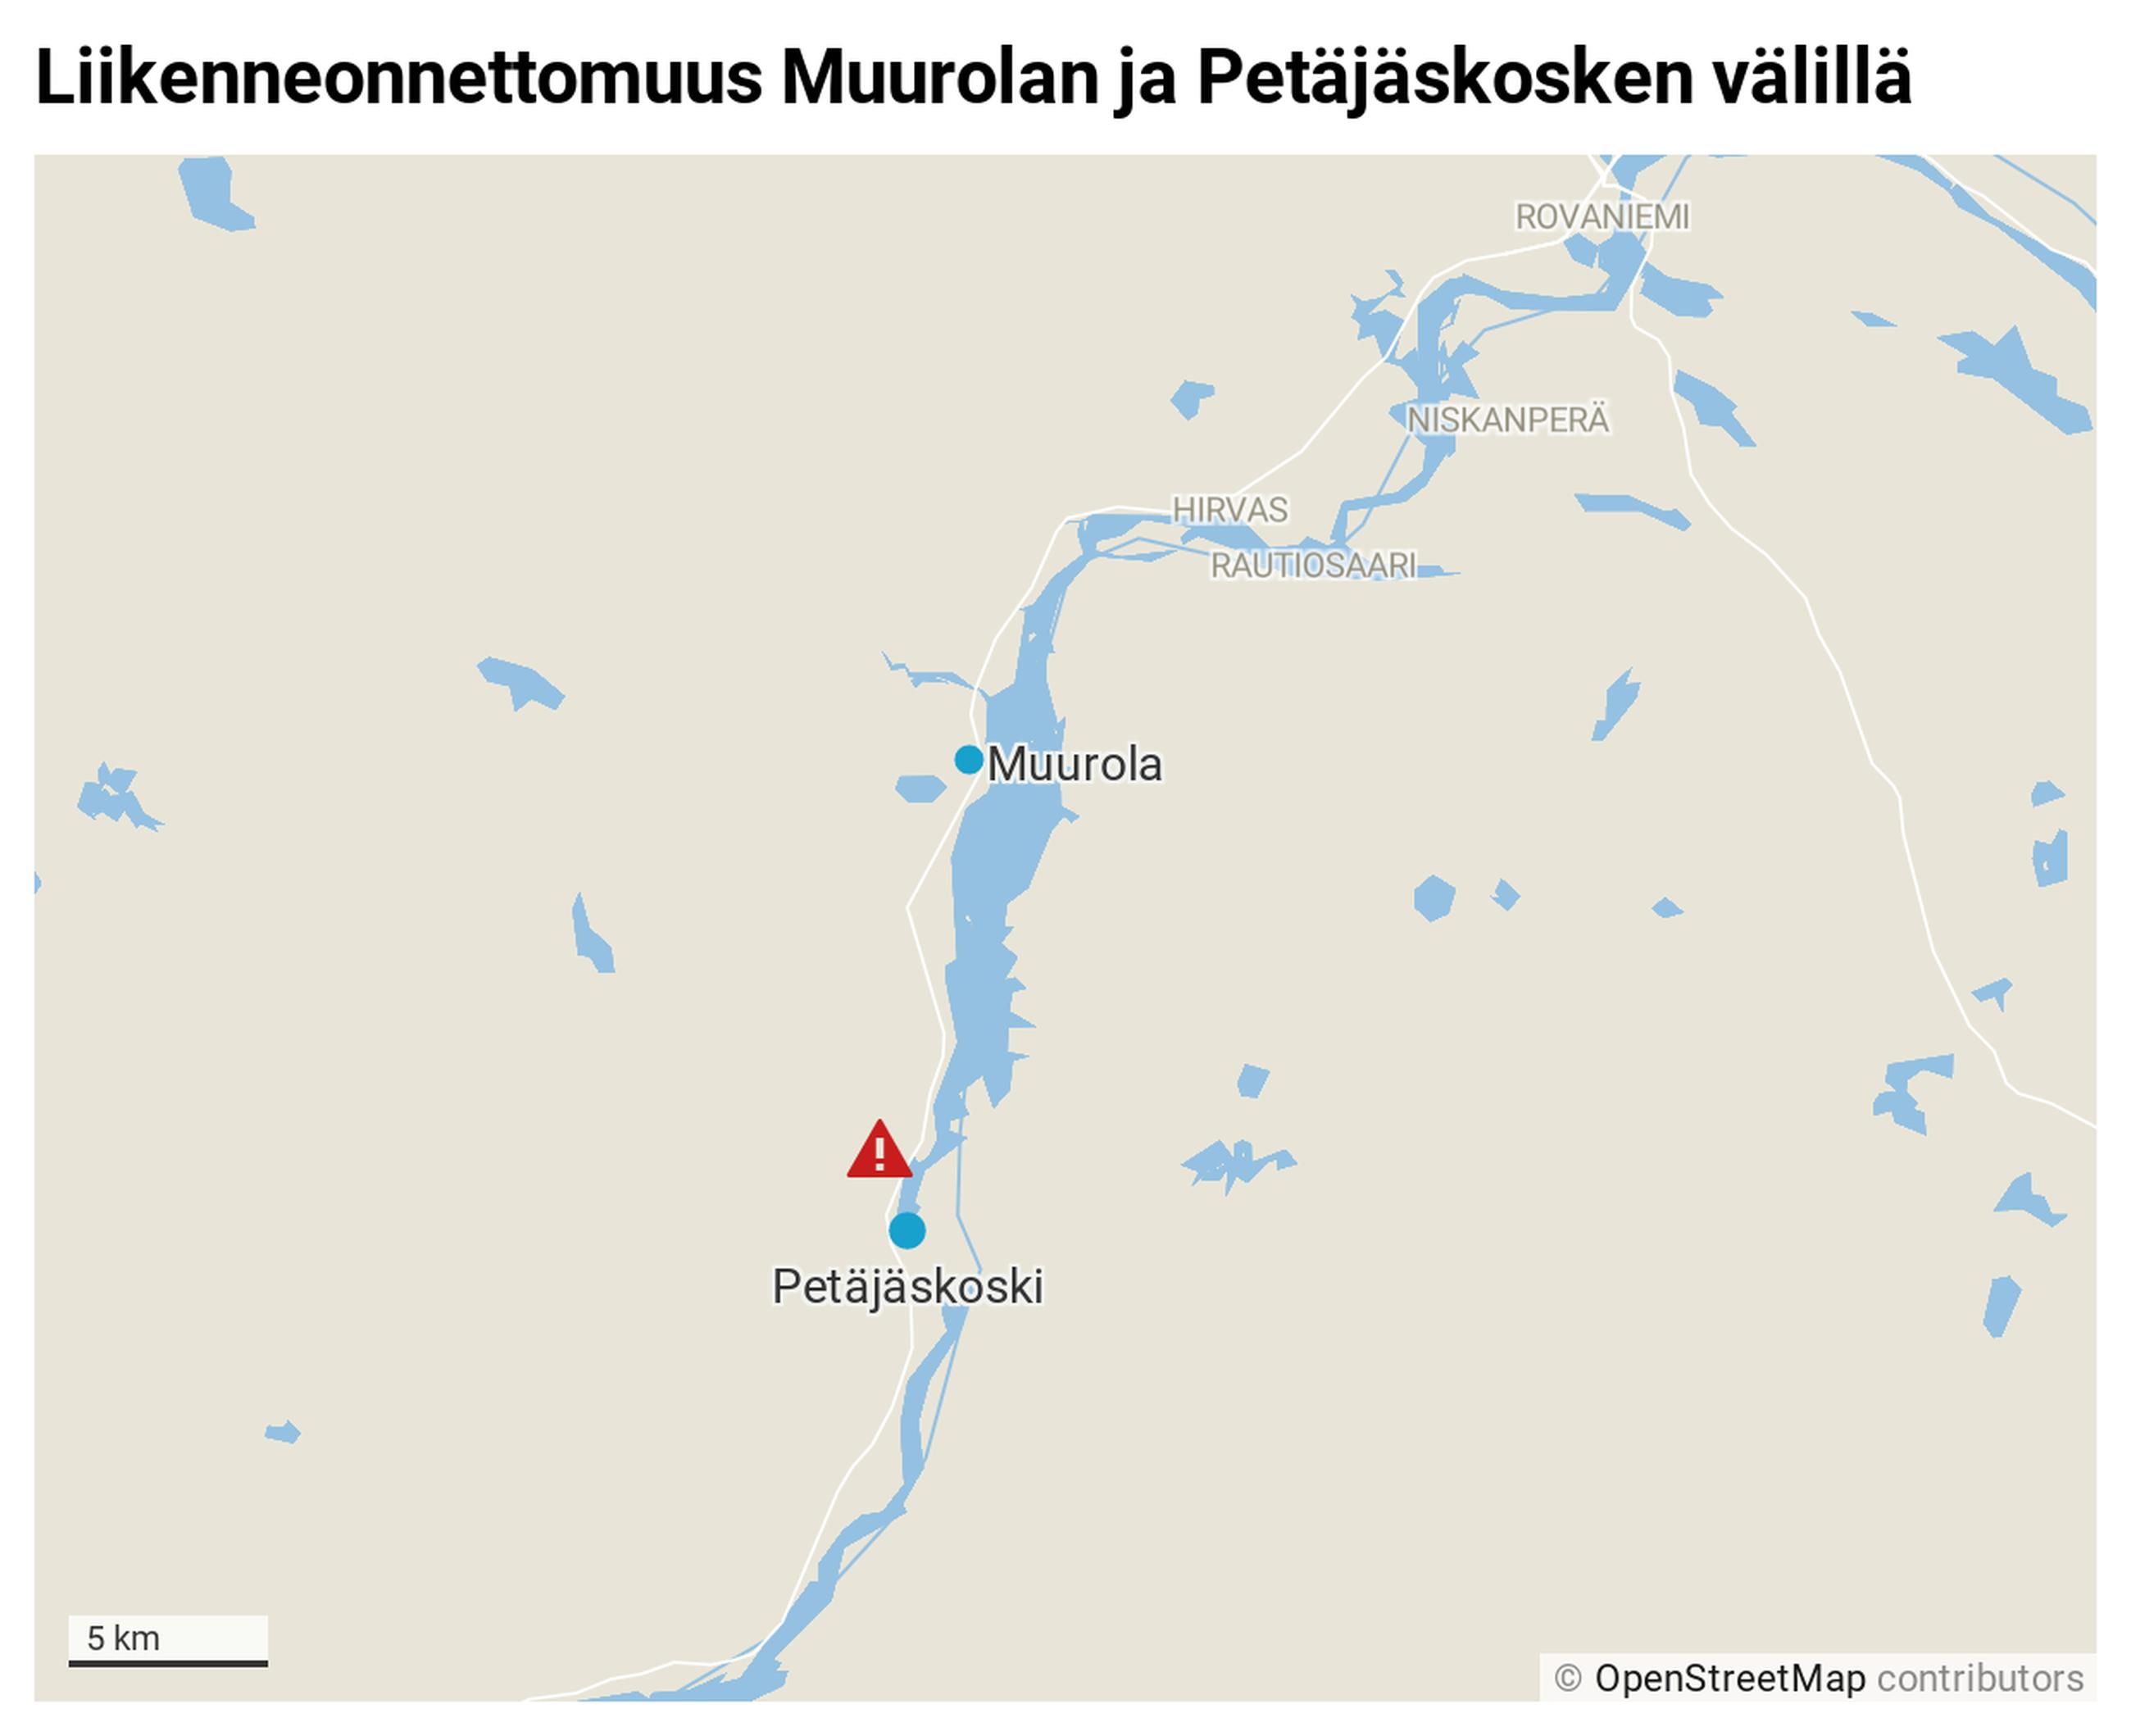 Liikenneonnettomuus Rovaniemi